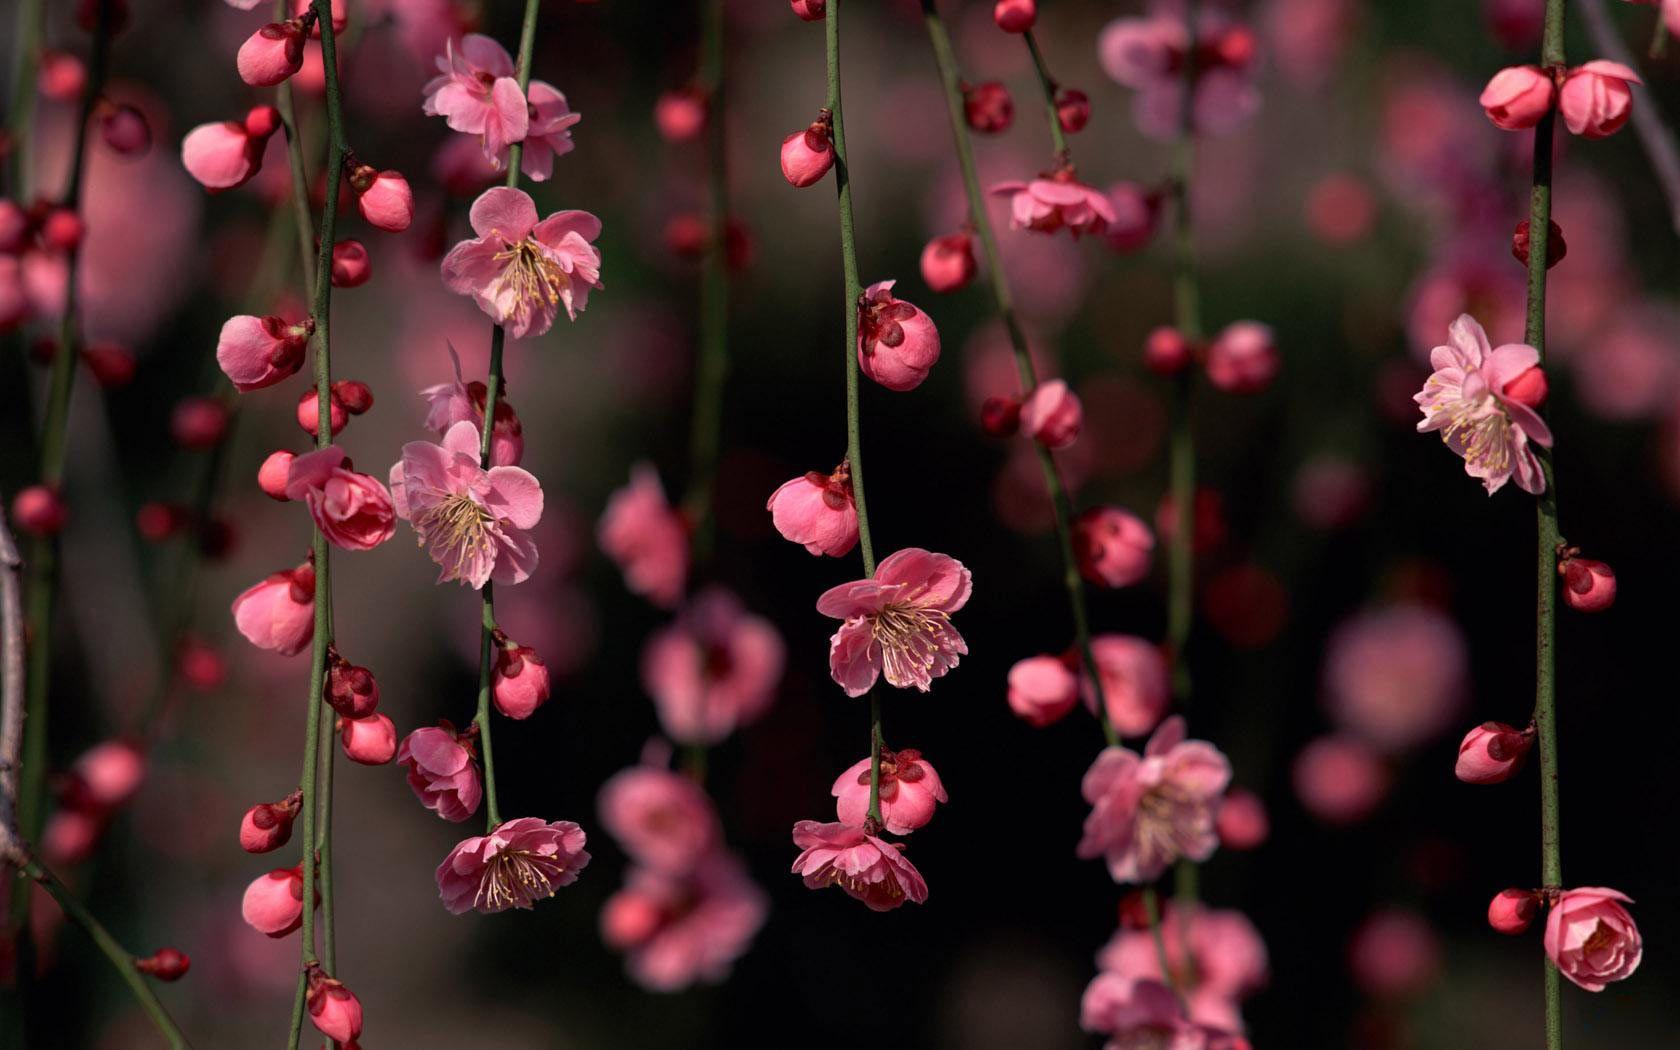 Spring Flowers Desktop Wallpaper Photos Flower Desktop Wallpaper Spring Flowers Wallpaper Pink Flowers Wallpaper